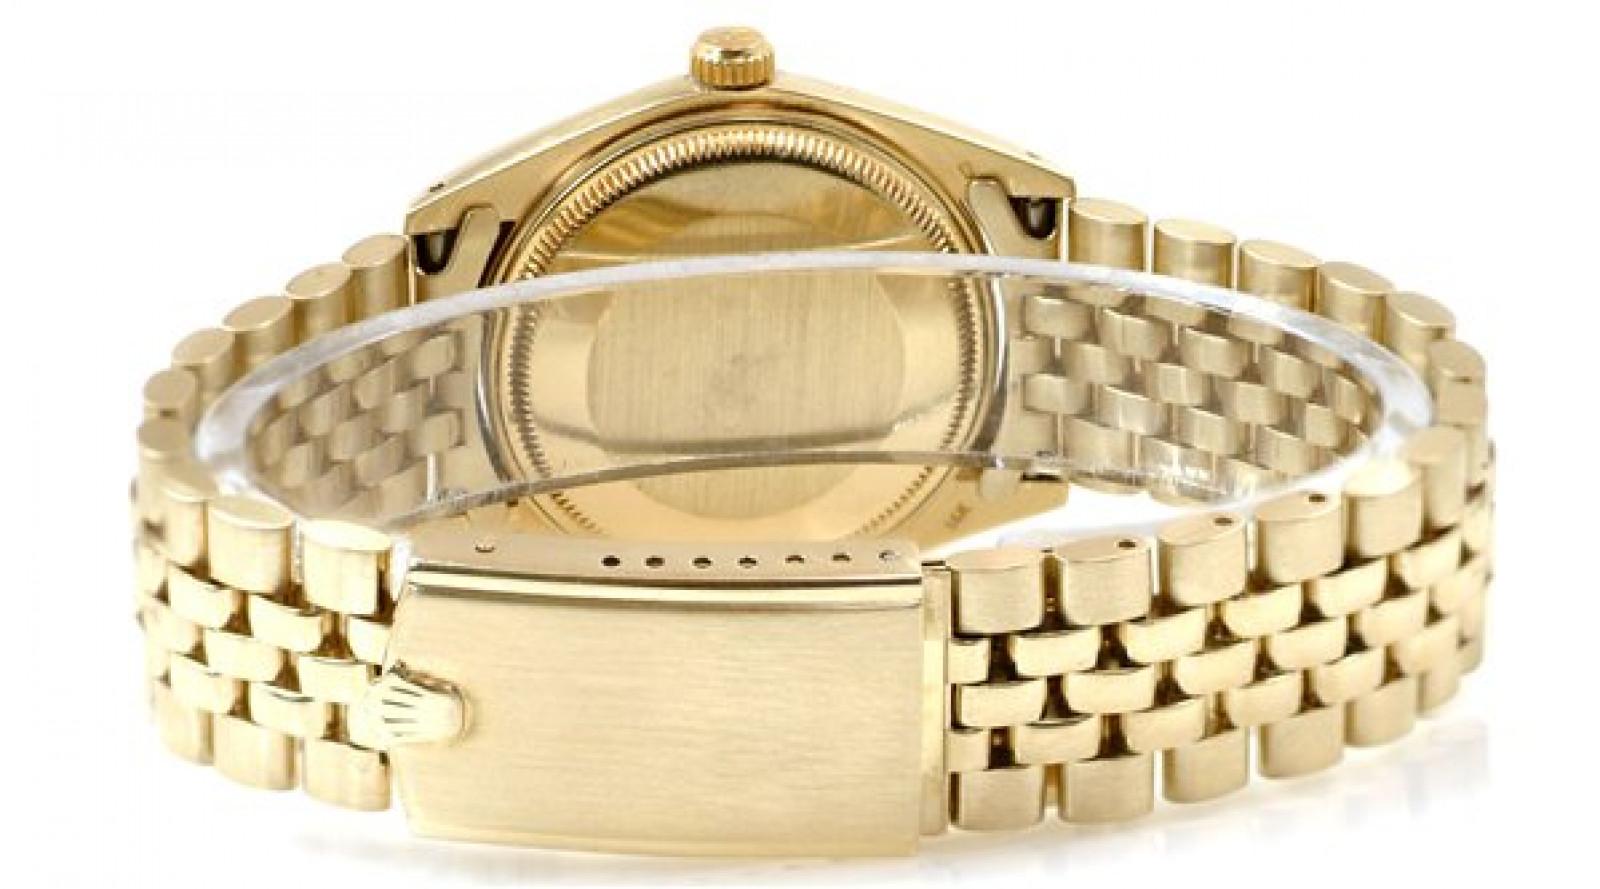 Vintage Rolex Date 1503 Gold Year 1978